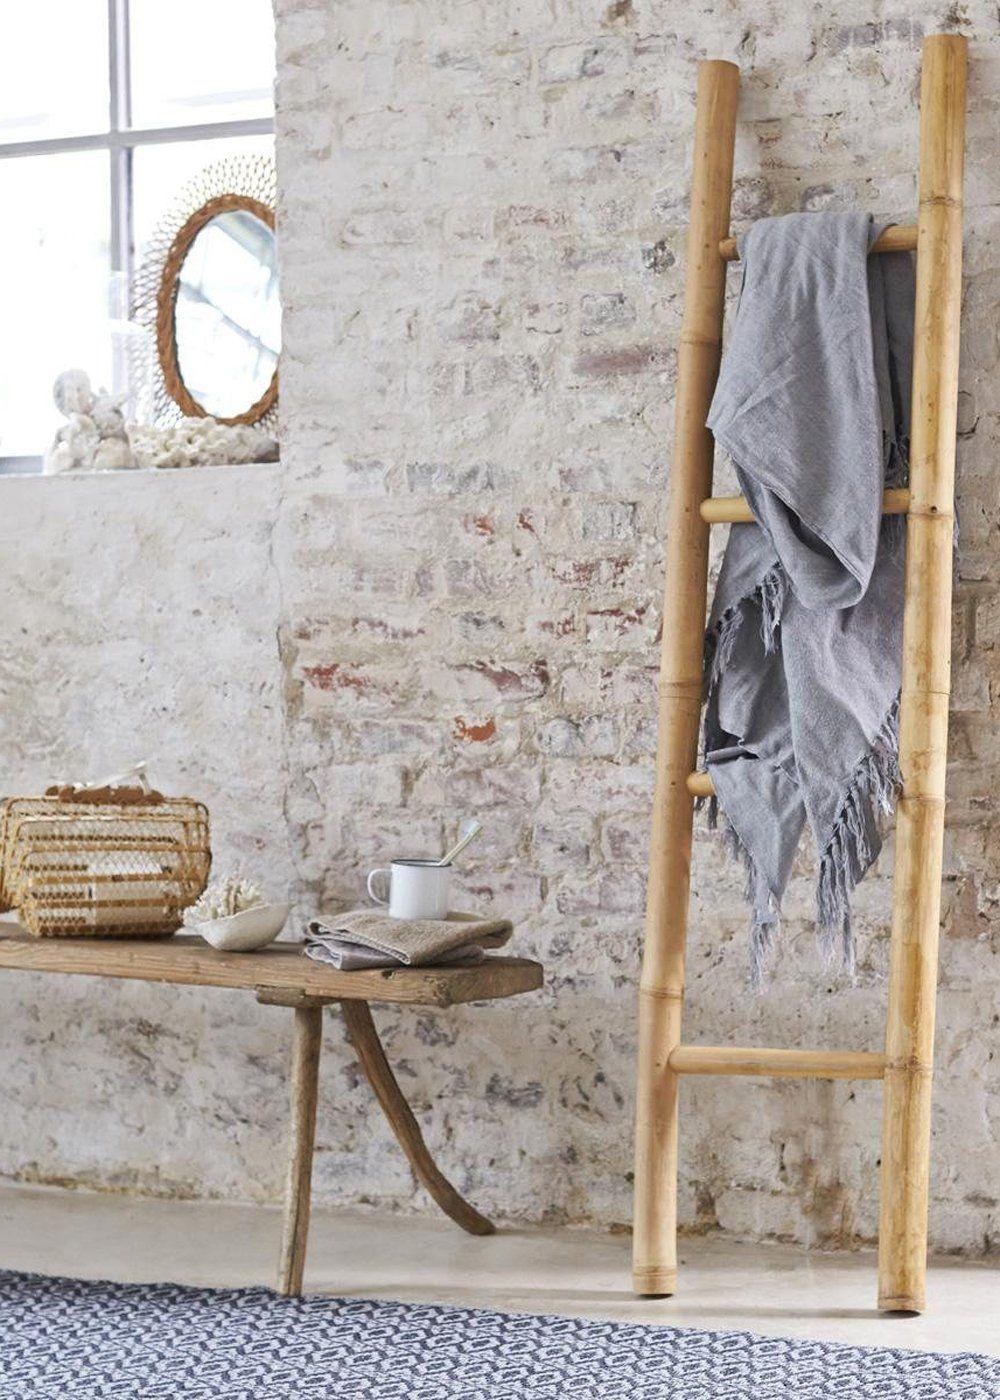 8 Idees Deco Pour Une Nouvelle Salle De Bains Salle De Bain En Bambou Deco Salle De Bain Porte Serviette Bambou